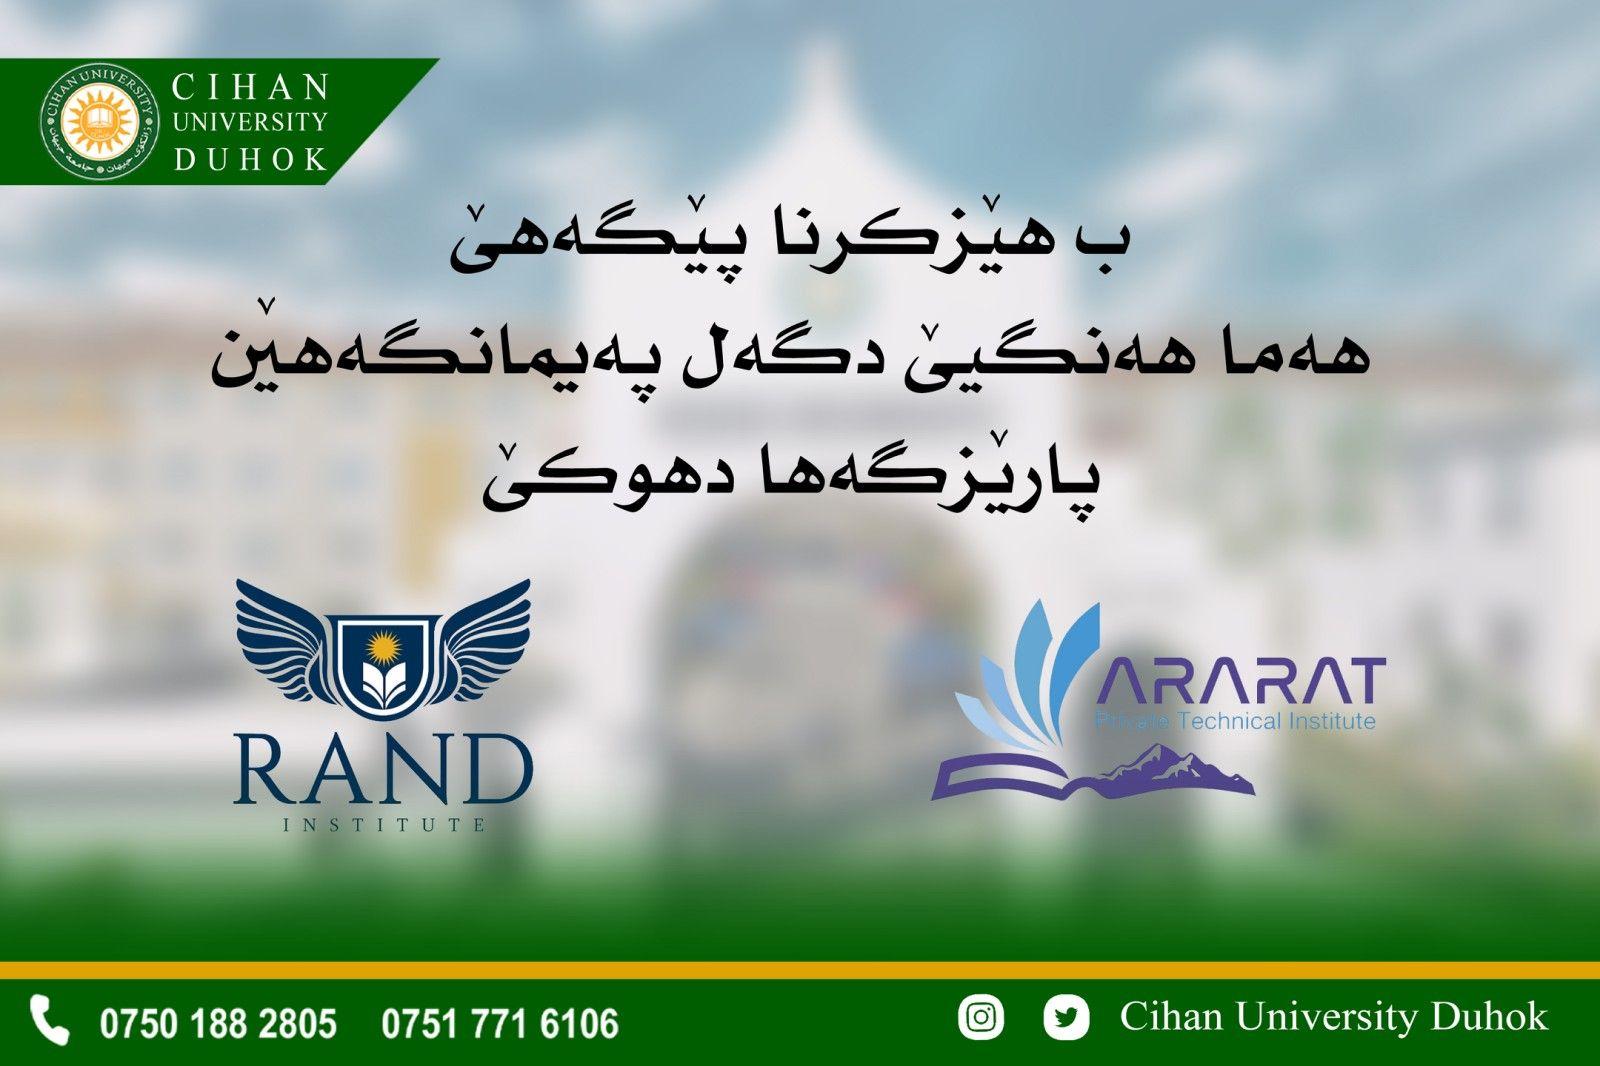 جامعة جيهان-دهوك وتطوير العلاقات مع المؤسسات الادارية والاكاديمية في محافظة دهوک